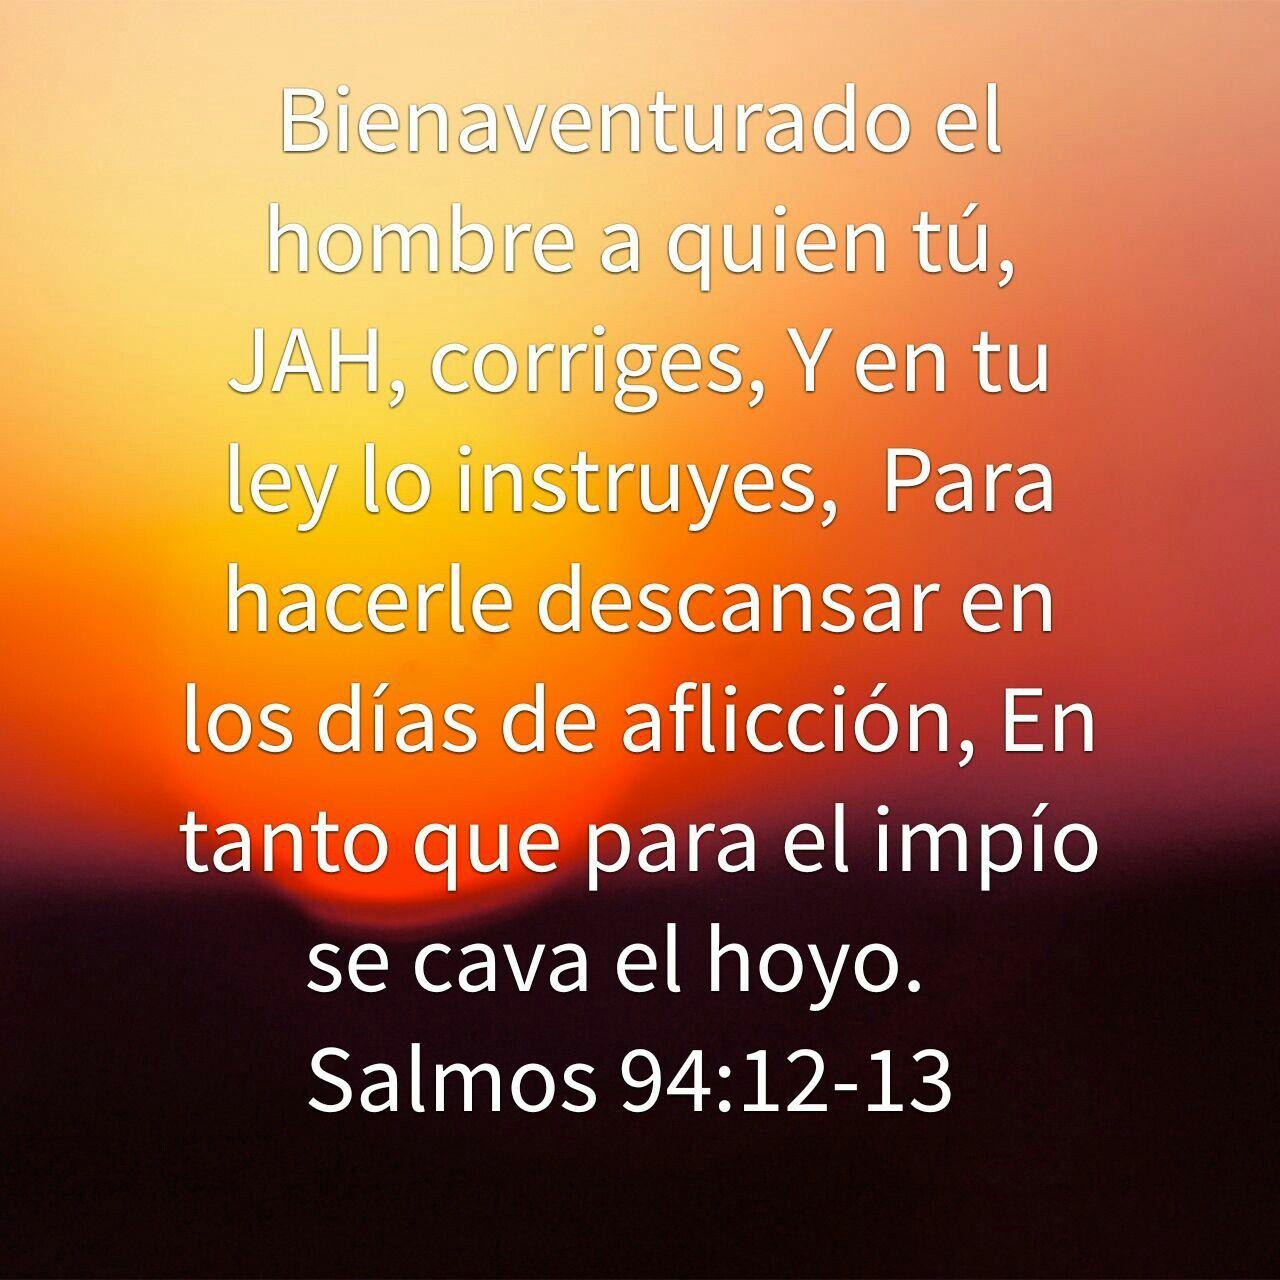 Salmos 94:12-13